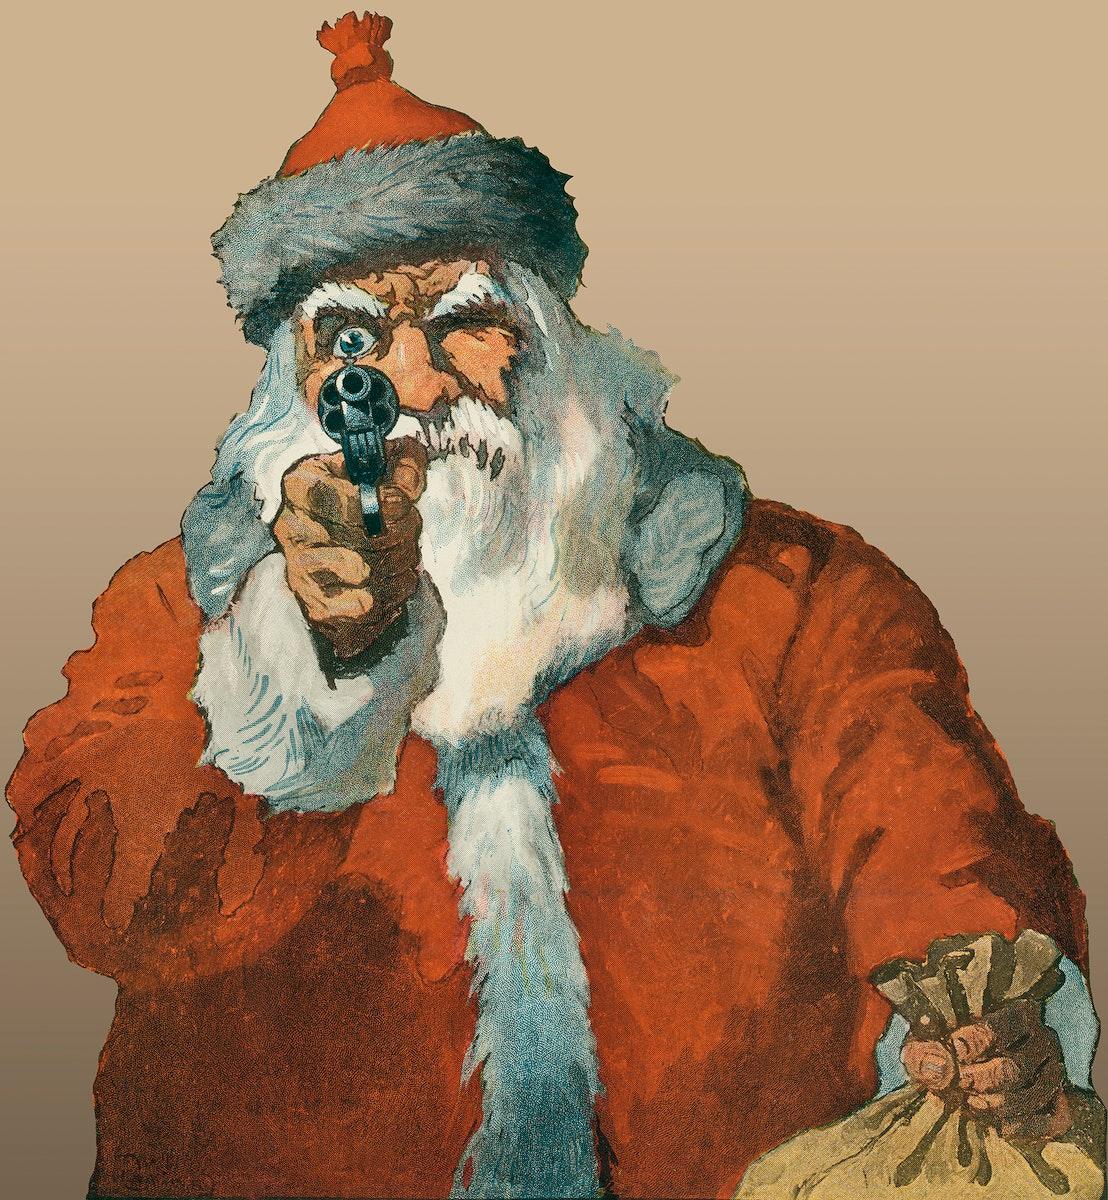 Santa Claus aiming a handgun illustration